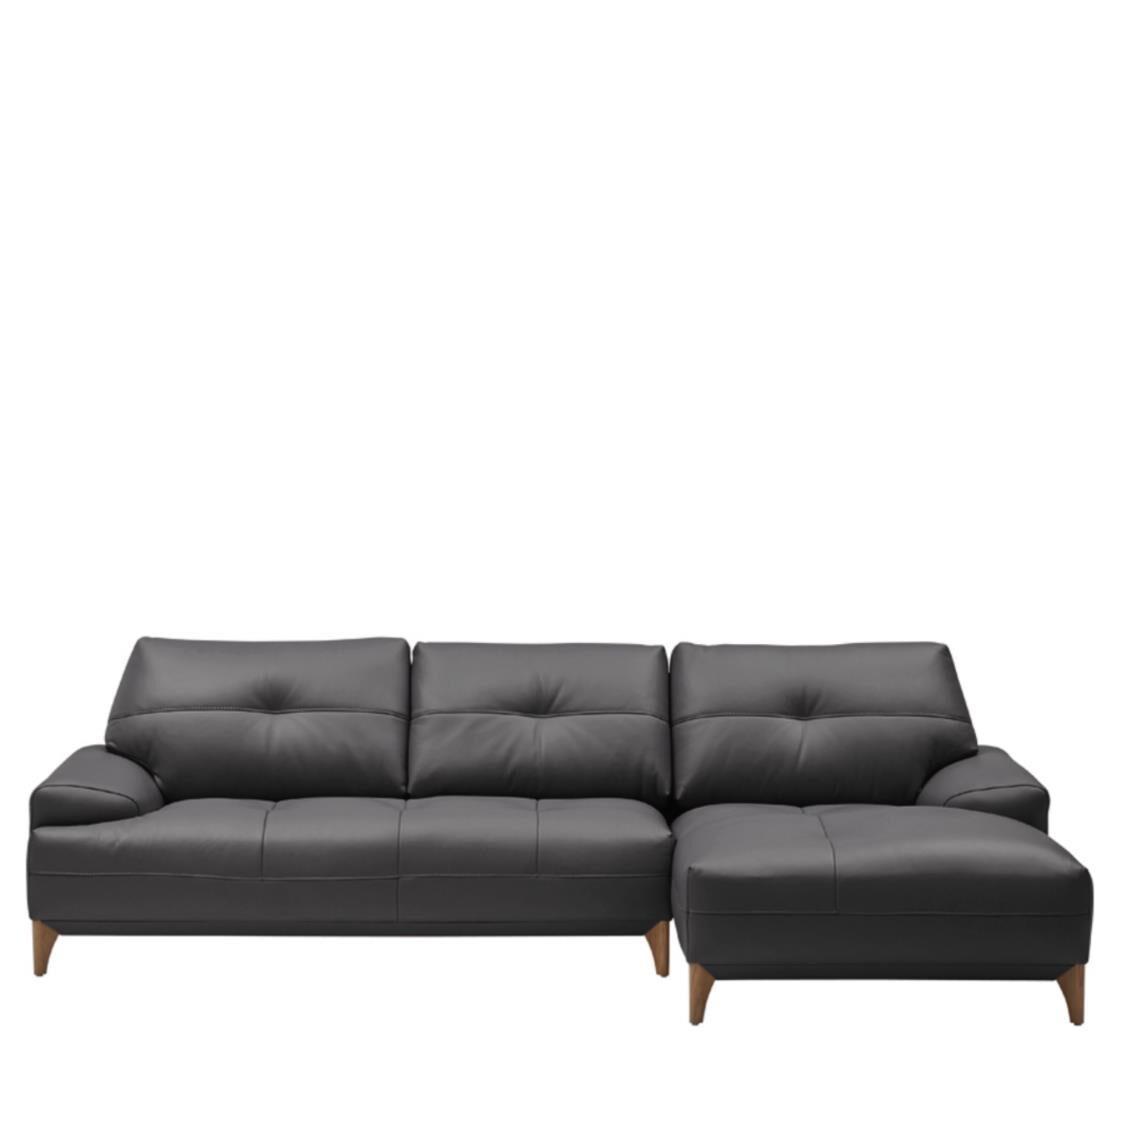 Iloom Boston Leather Couch R L391 Shadow Grey